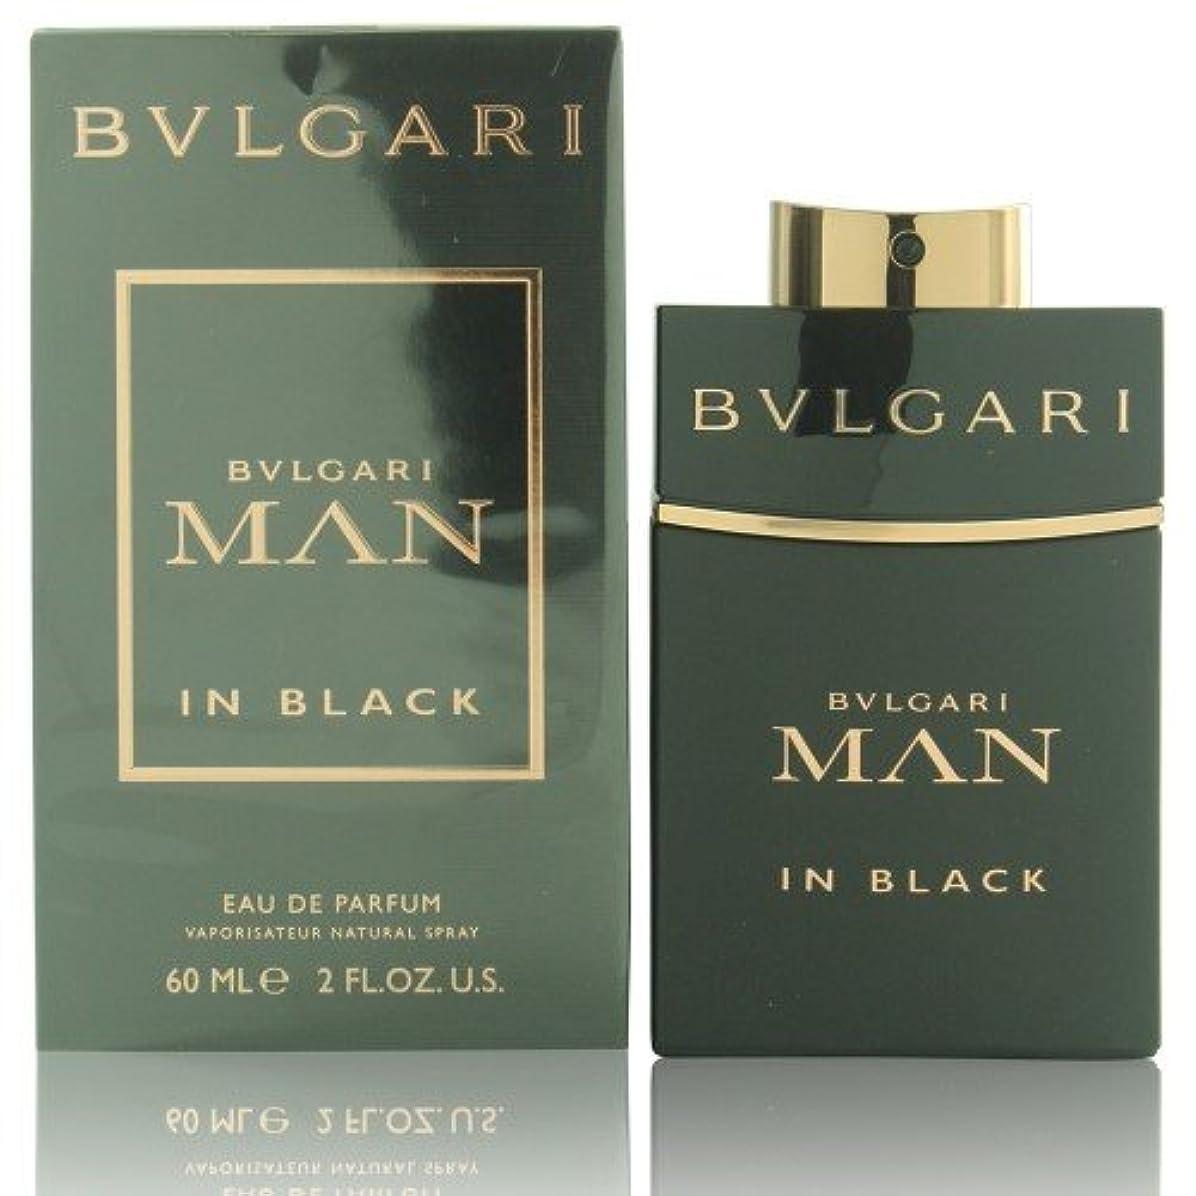 レガシーリットル病的ブルガリ(BVLGARI) マン イン ブラック オードパルファム スプレー 100ml[並行輸入品]